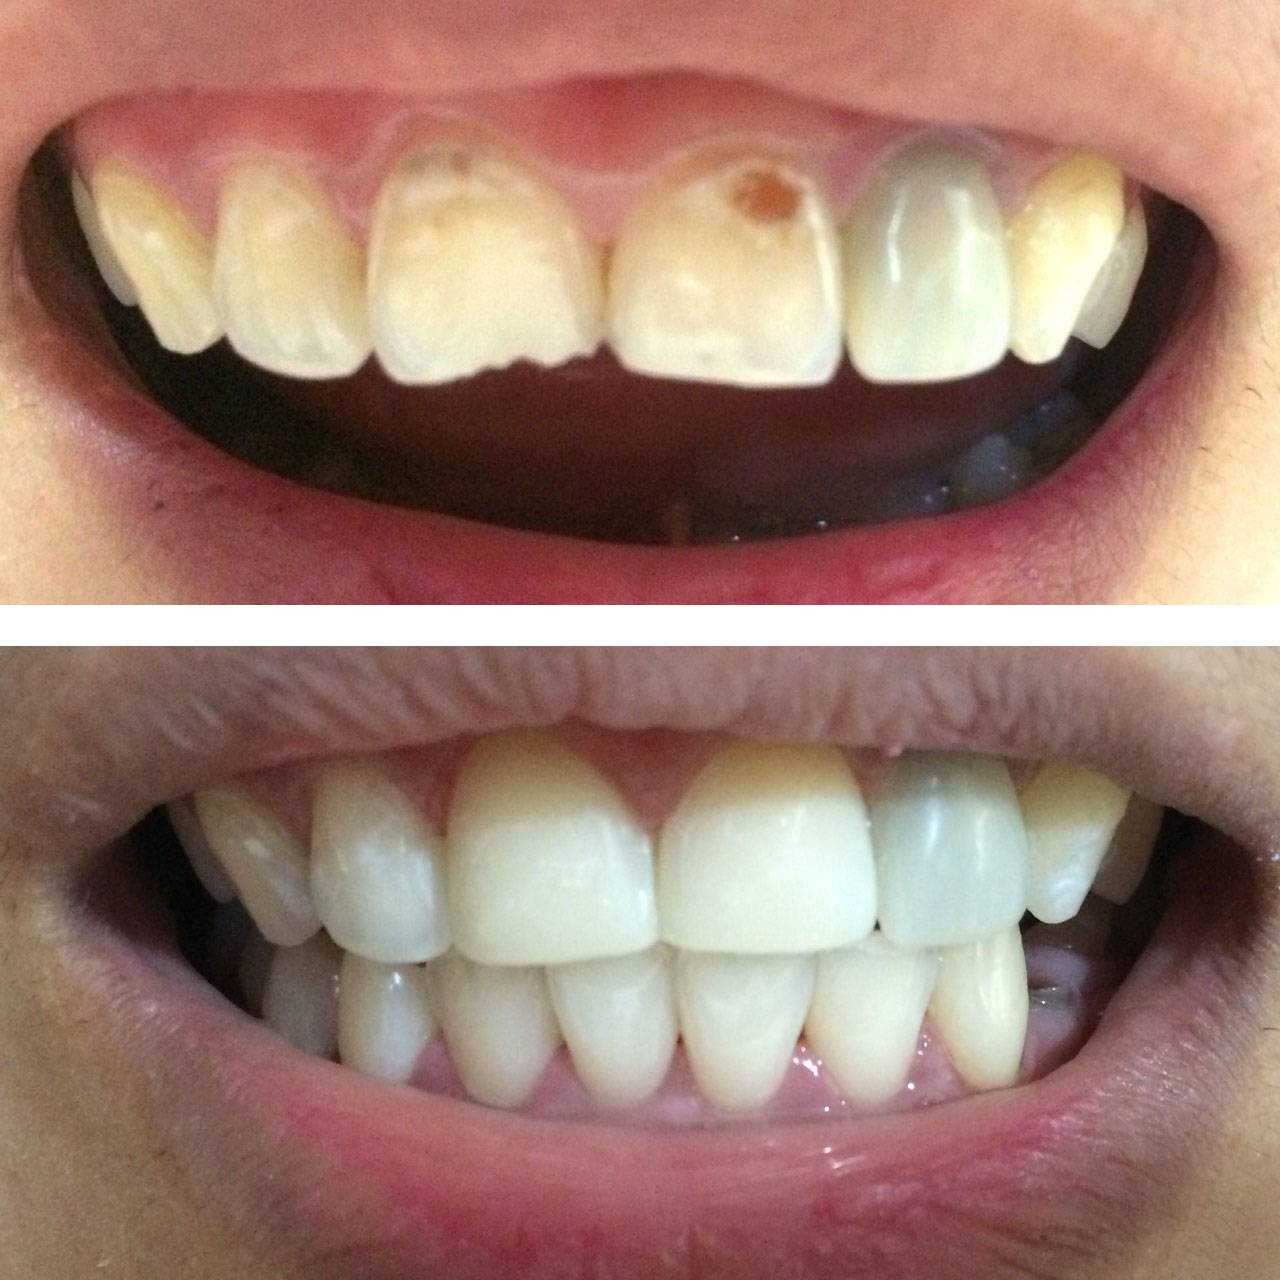 Передние зубы (несколько) очень маленькие. возможно ли их нарастить и не повлияет ли это на прикус?